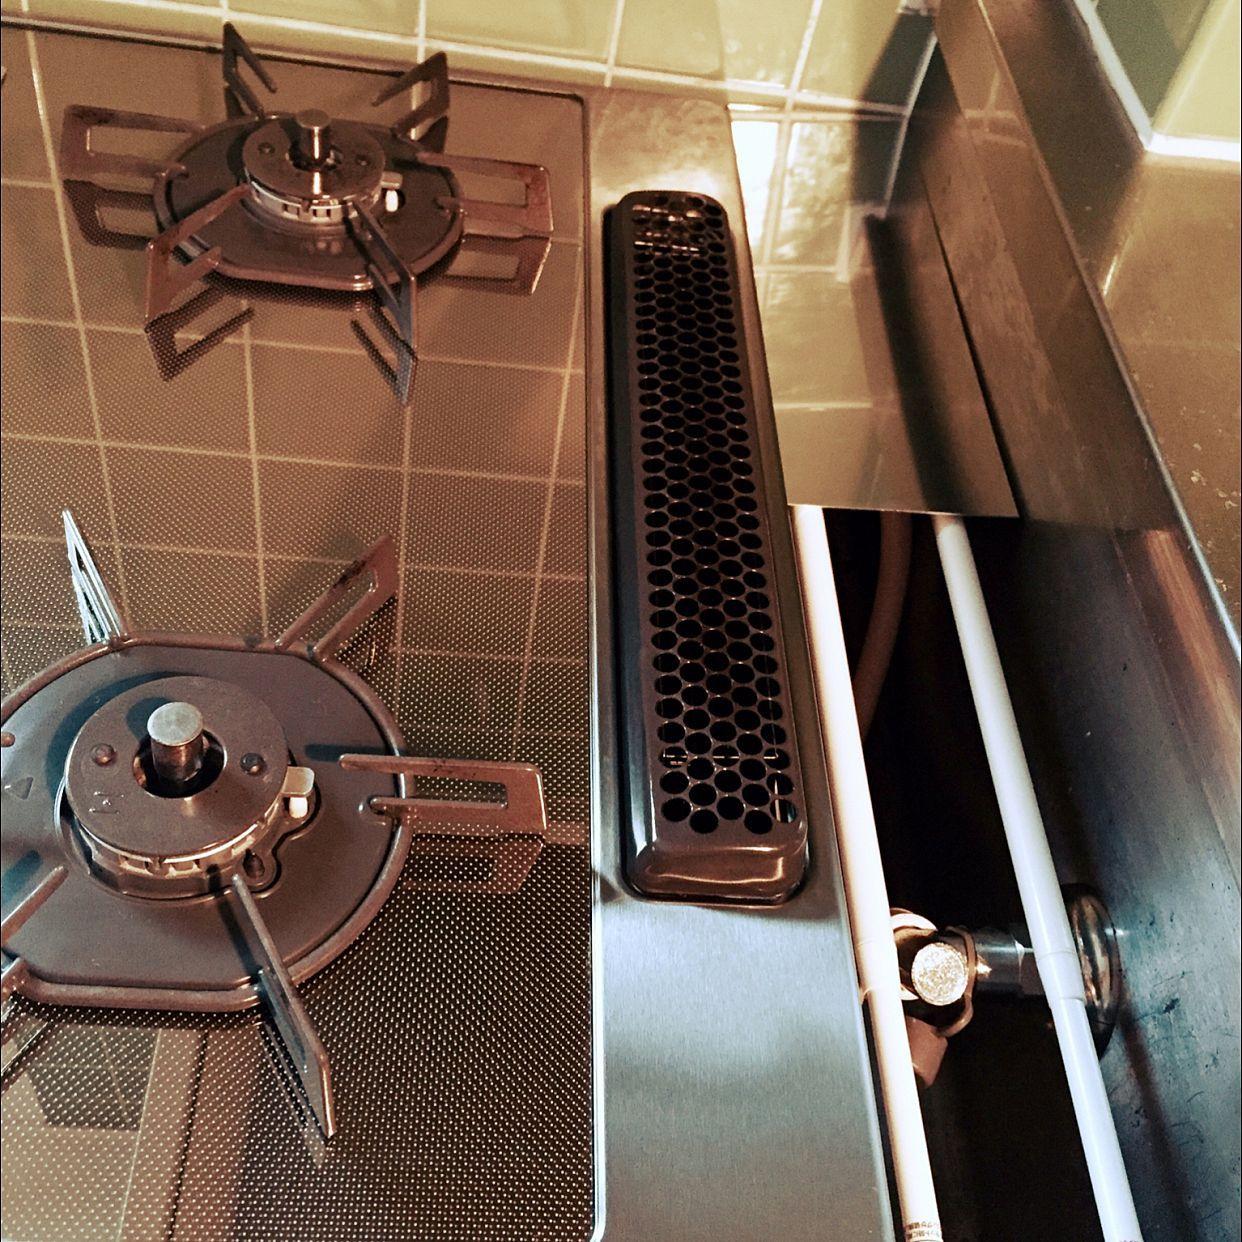 キッチン 賃貸でも諦めない リノベーション物件 コンロの周りは何も